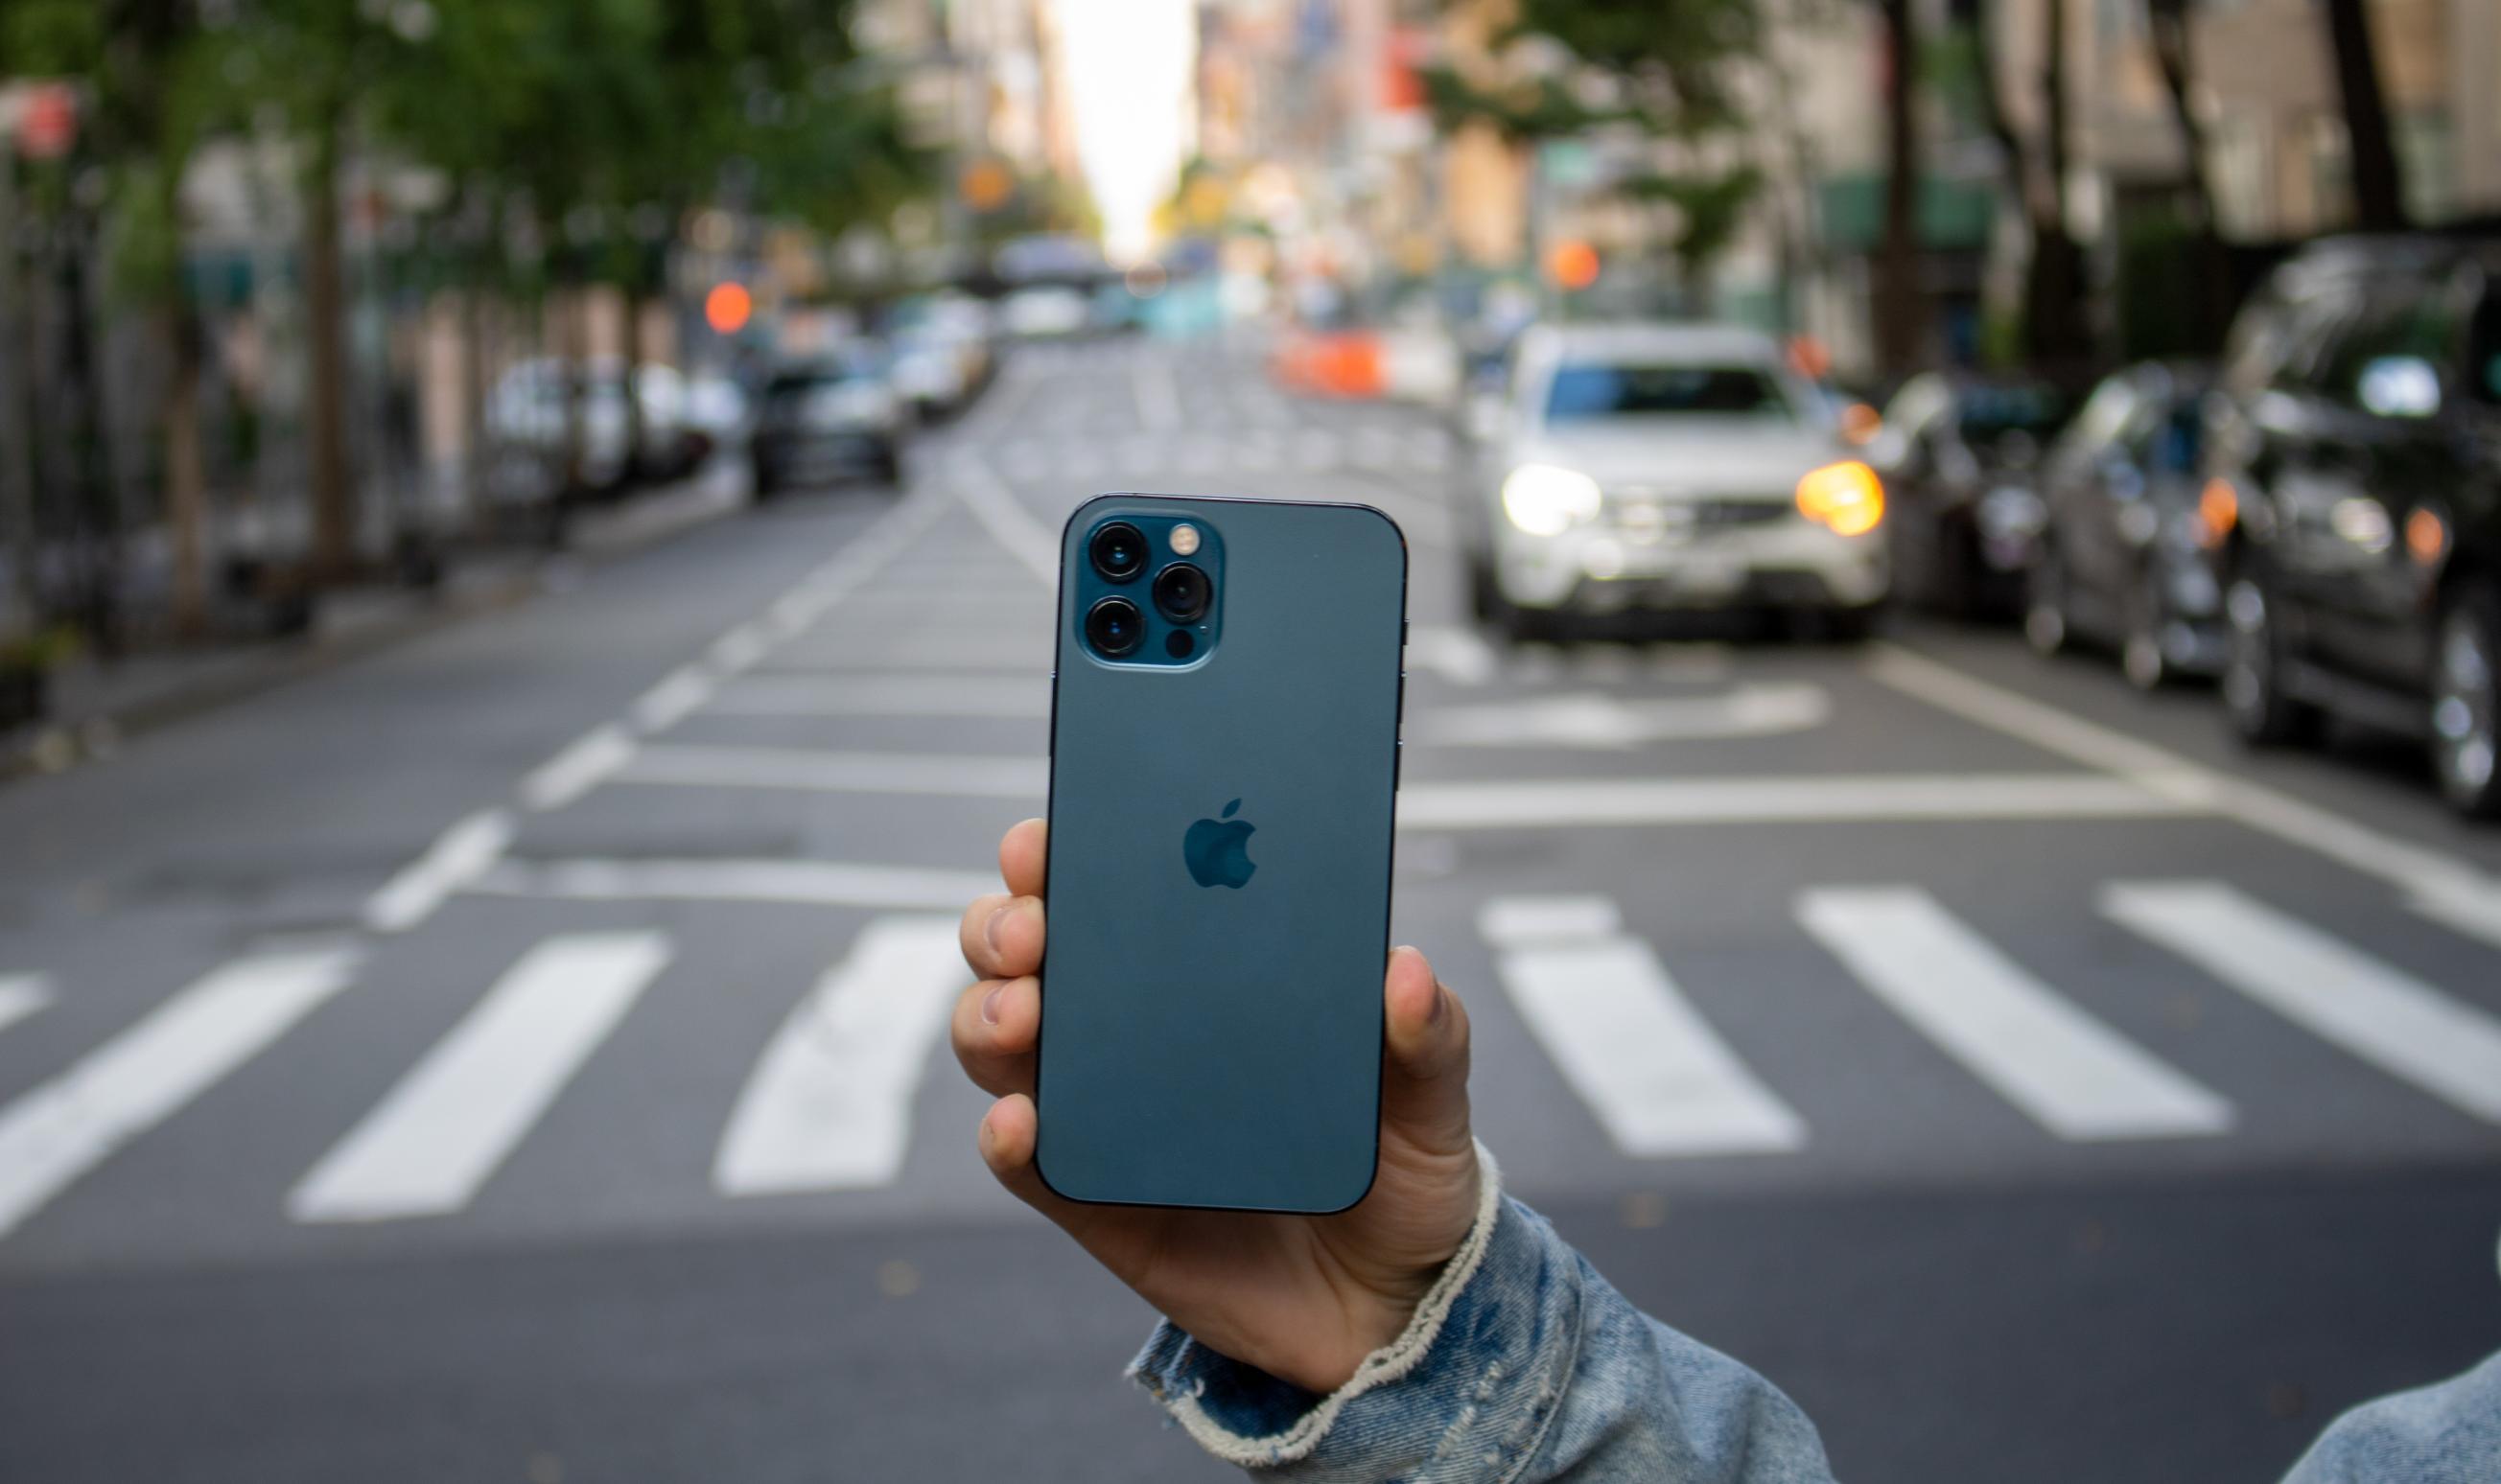 Đây chính là chiếc iPhone đáng mua nhất trong series iPhone 12 vừa ra mắt - 2